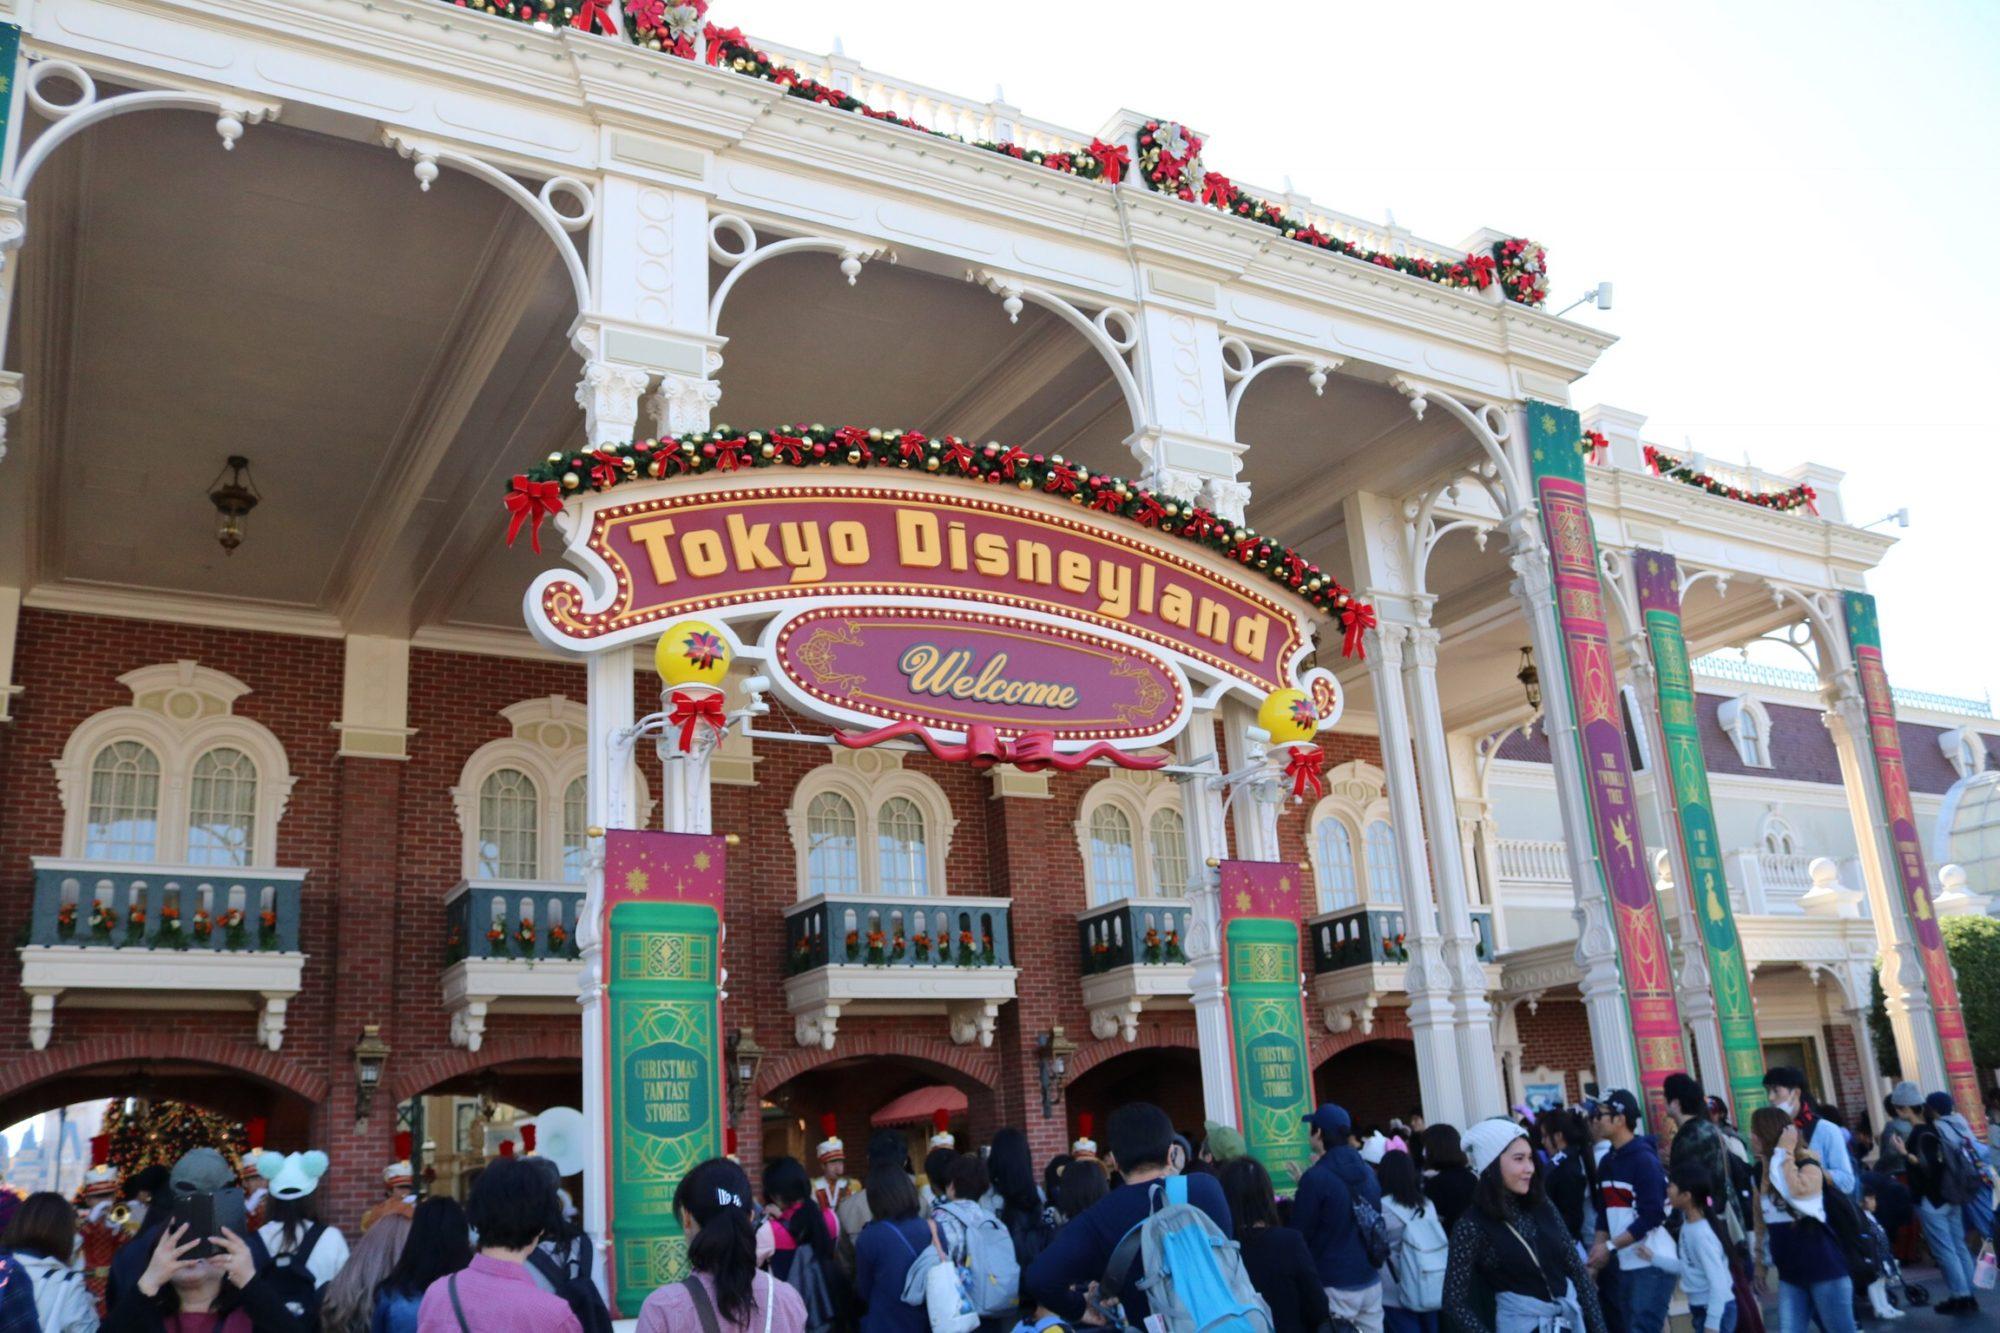 2泊3日のディズニー旅 その1〜大阪からpeachで、ディズニーに行くには??〜